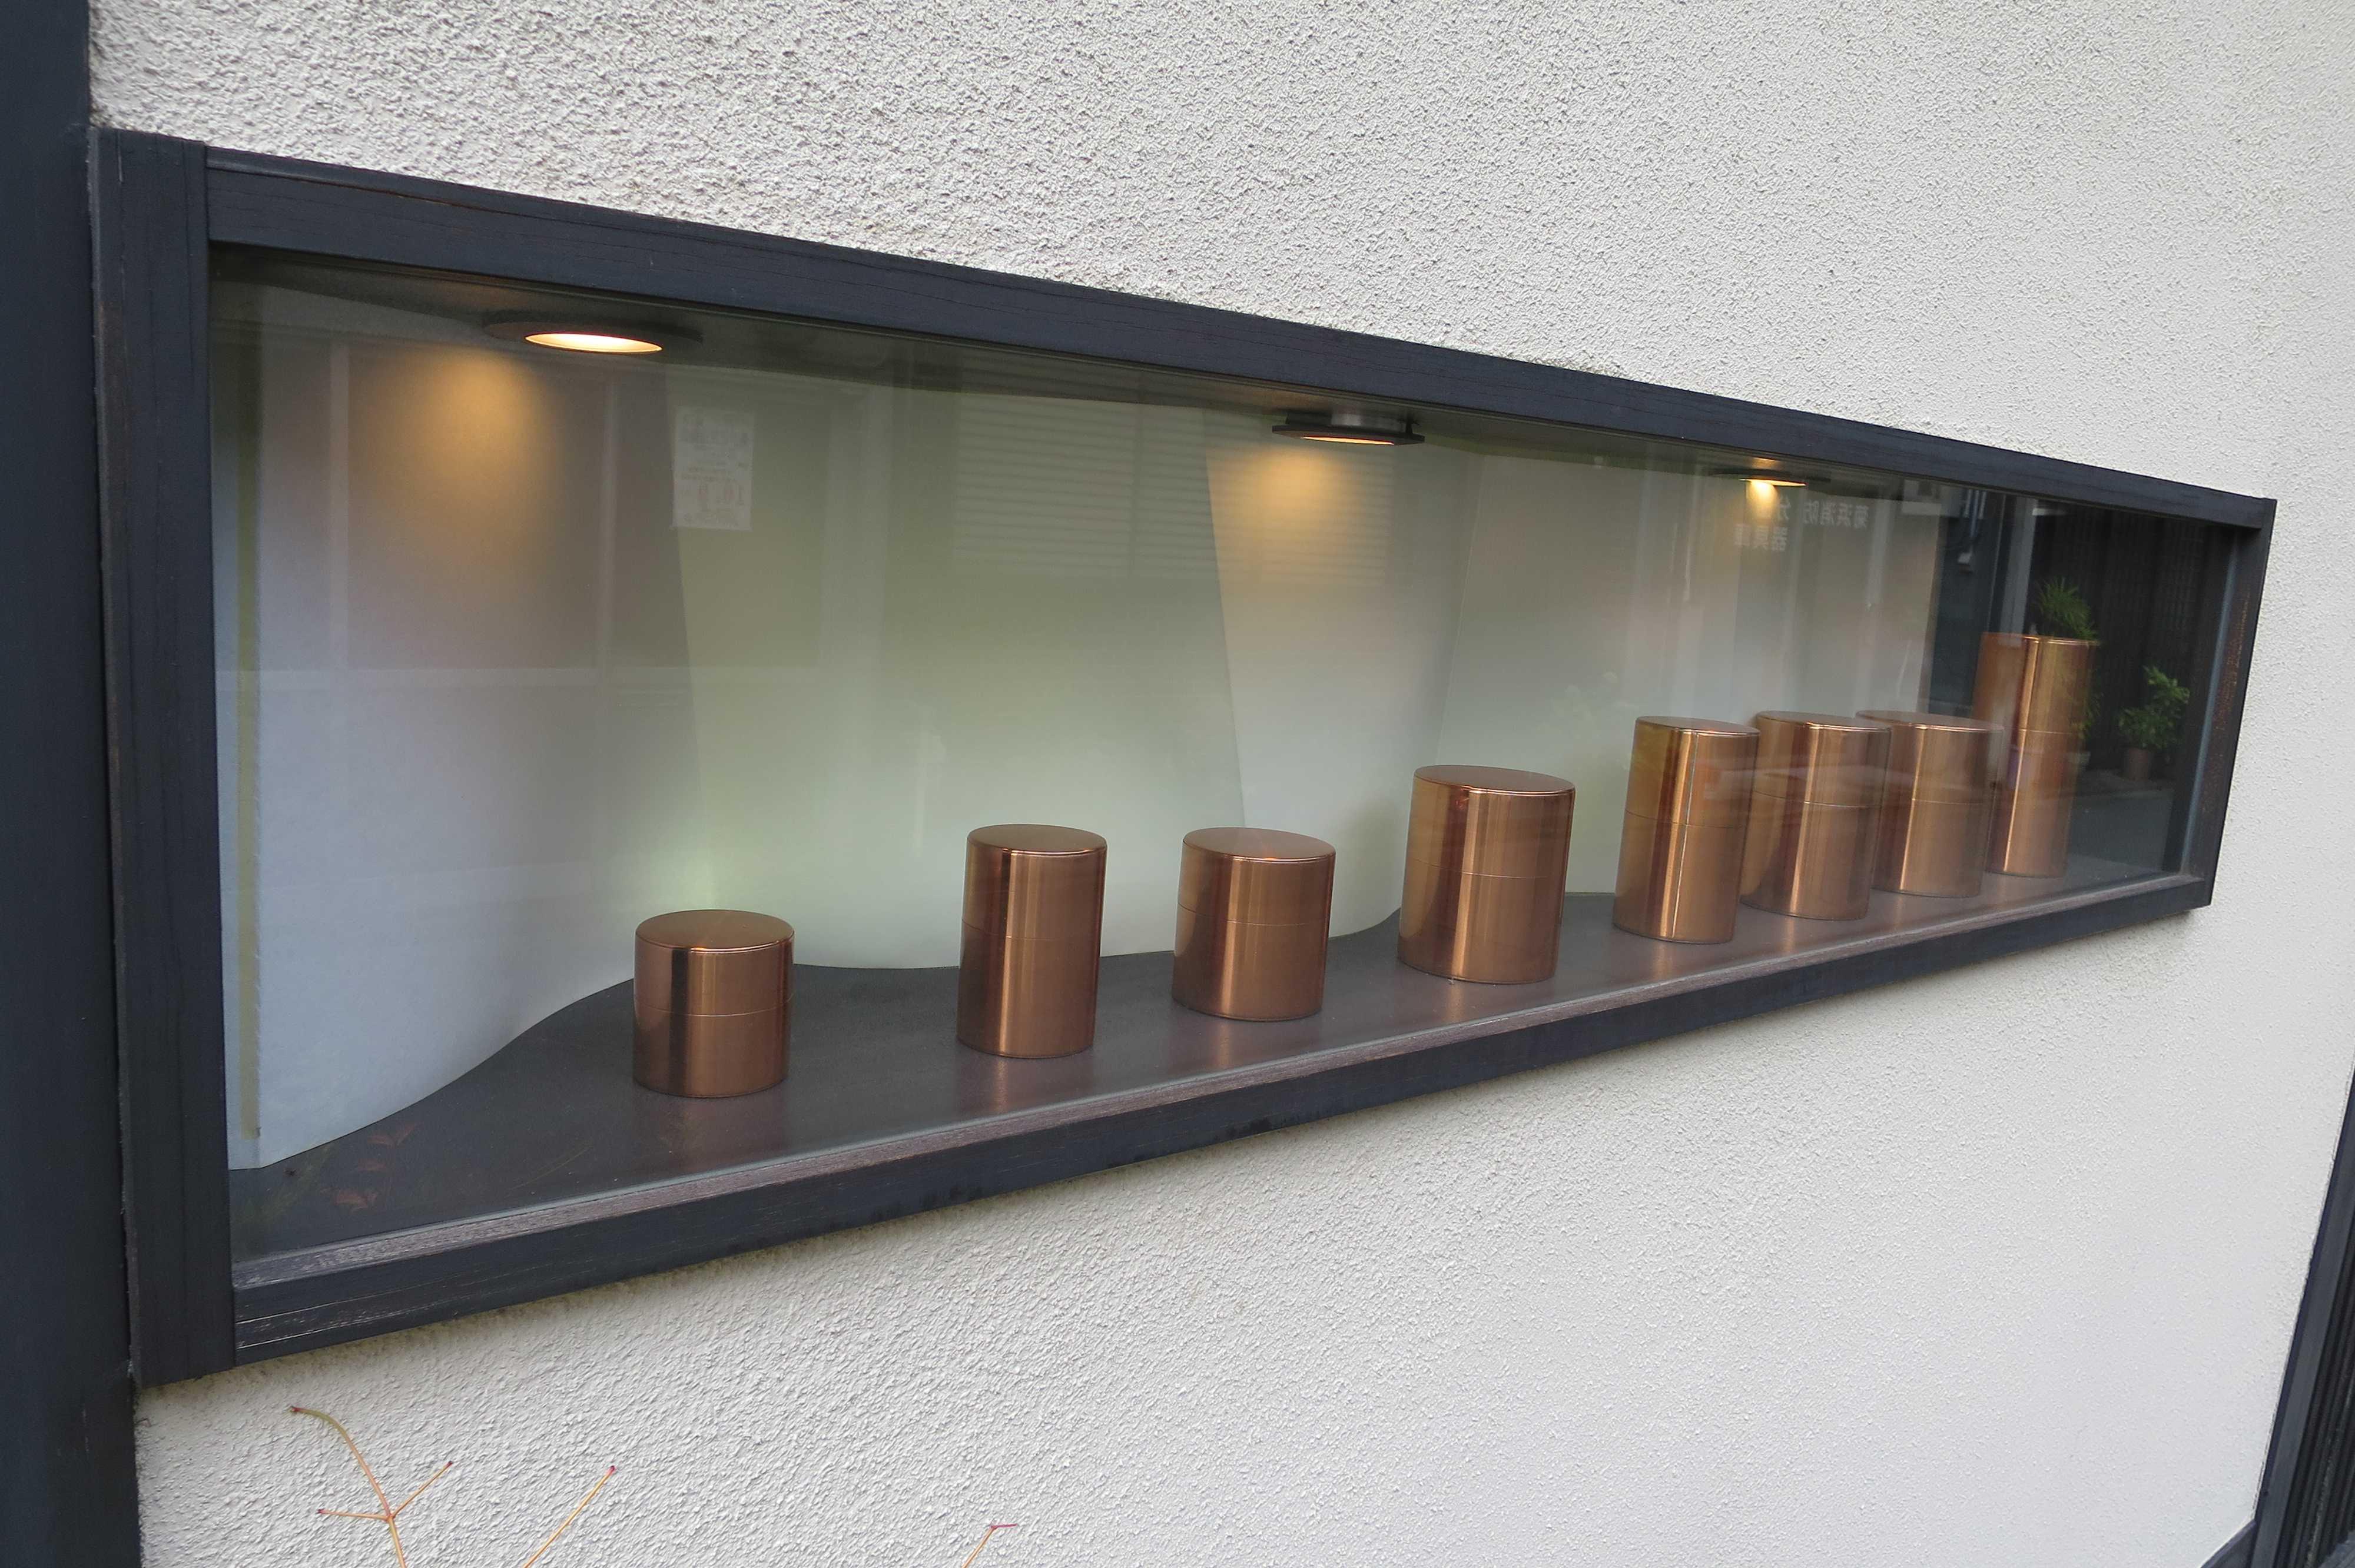 京都・五条楽園 - 明治8年創業、日本で一番古い歴史をもつ手作り茶筒の老舗「茶筒の開化堂」